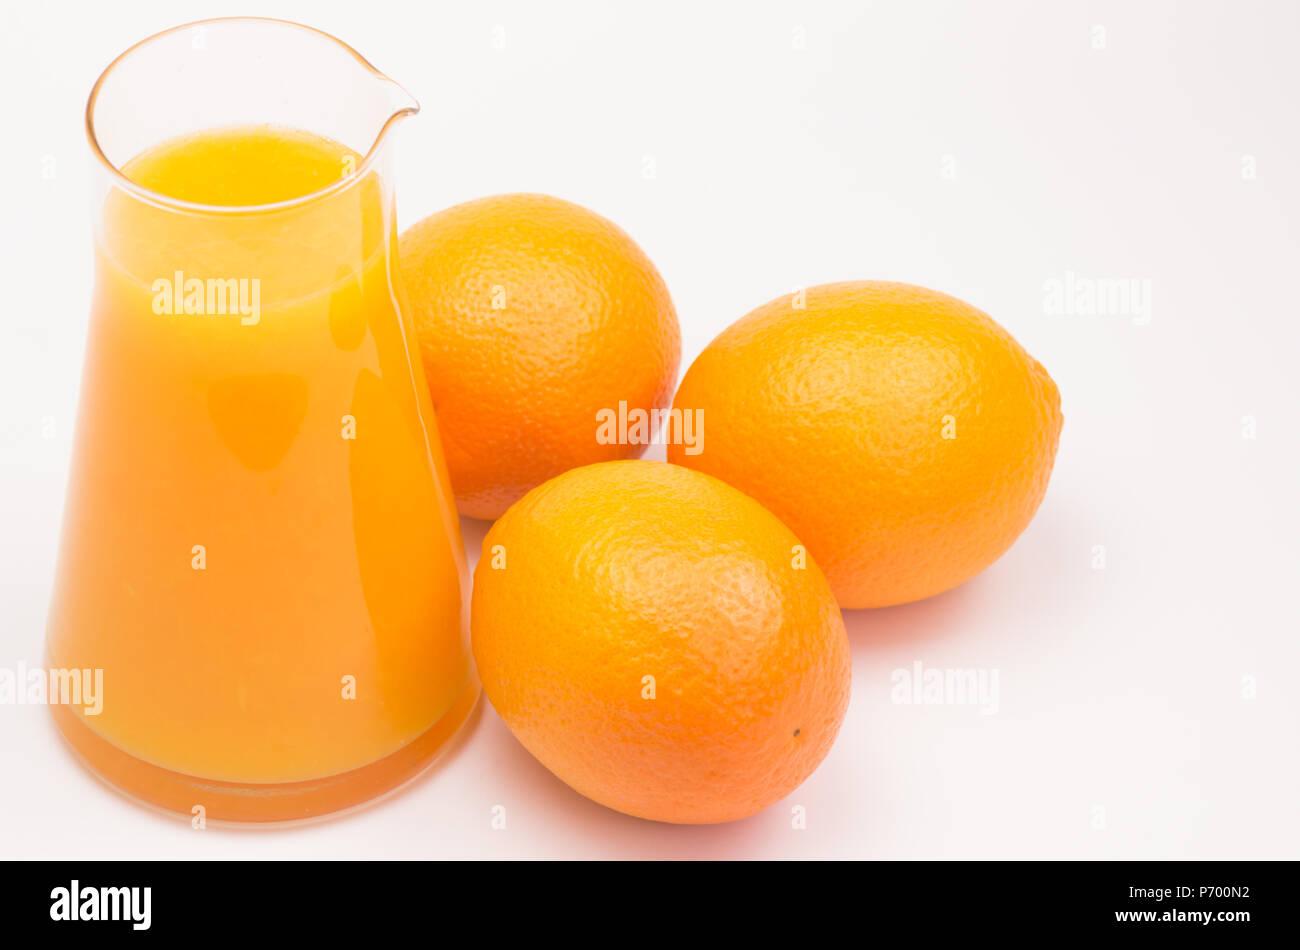 freshly squeezed oranges - white background - Stock Image